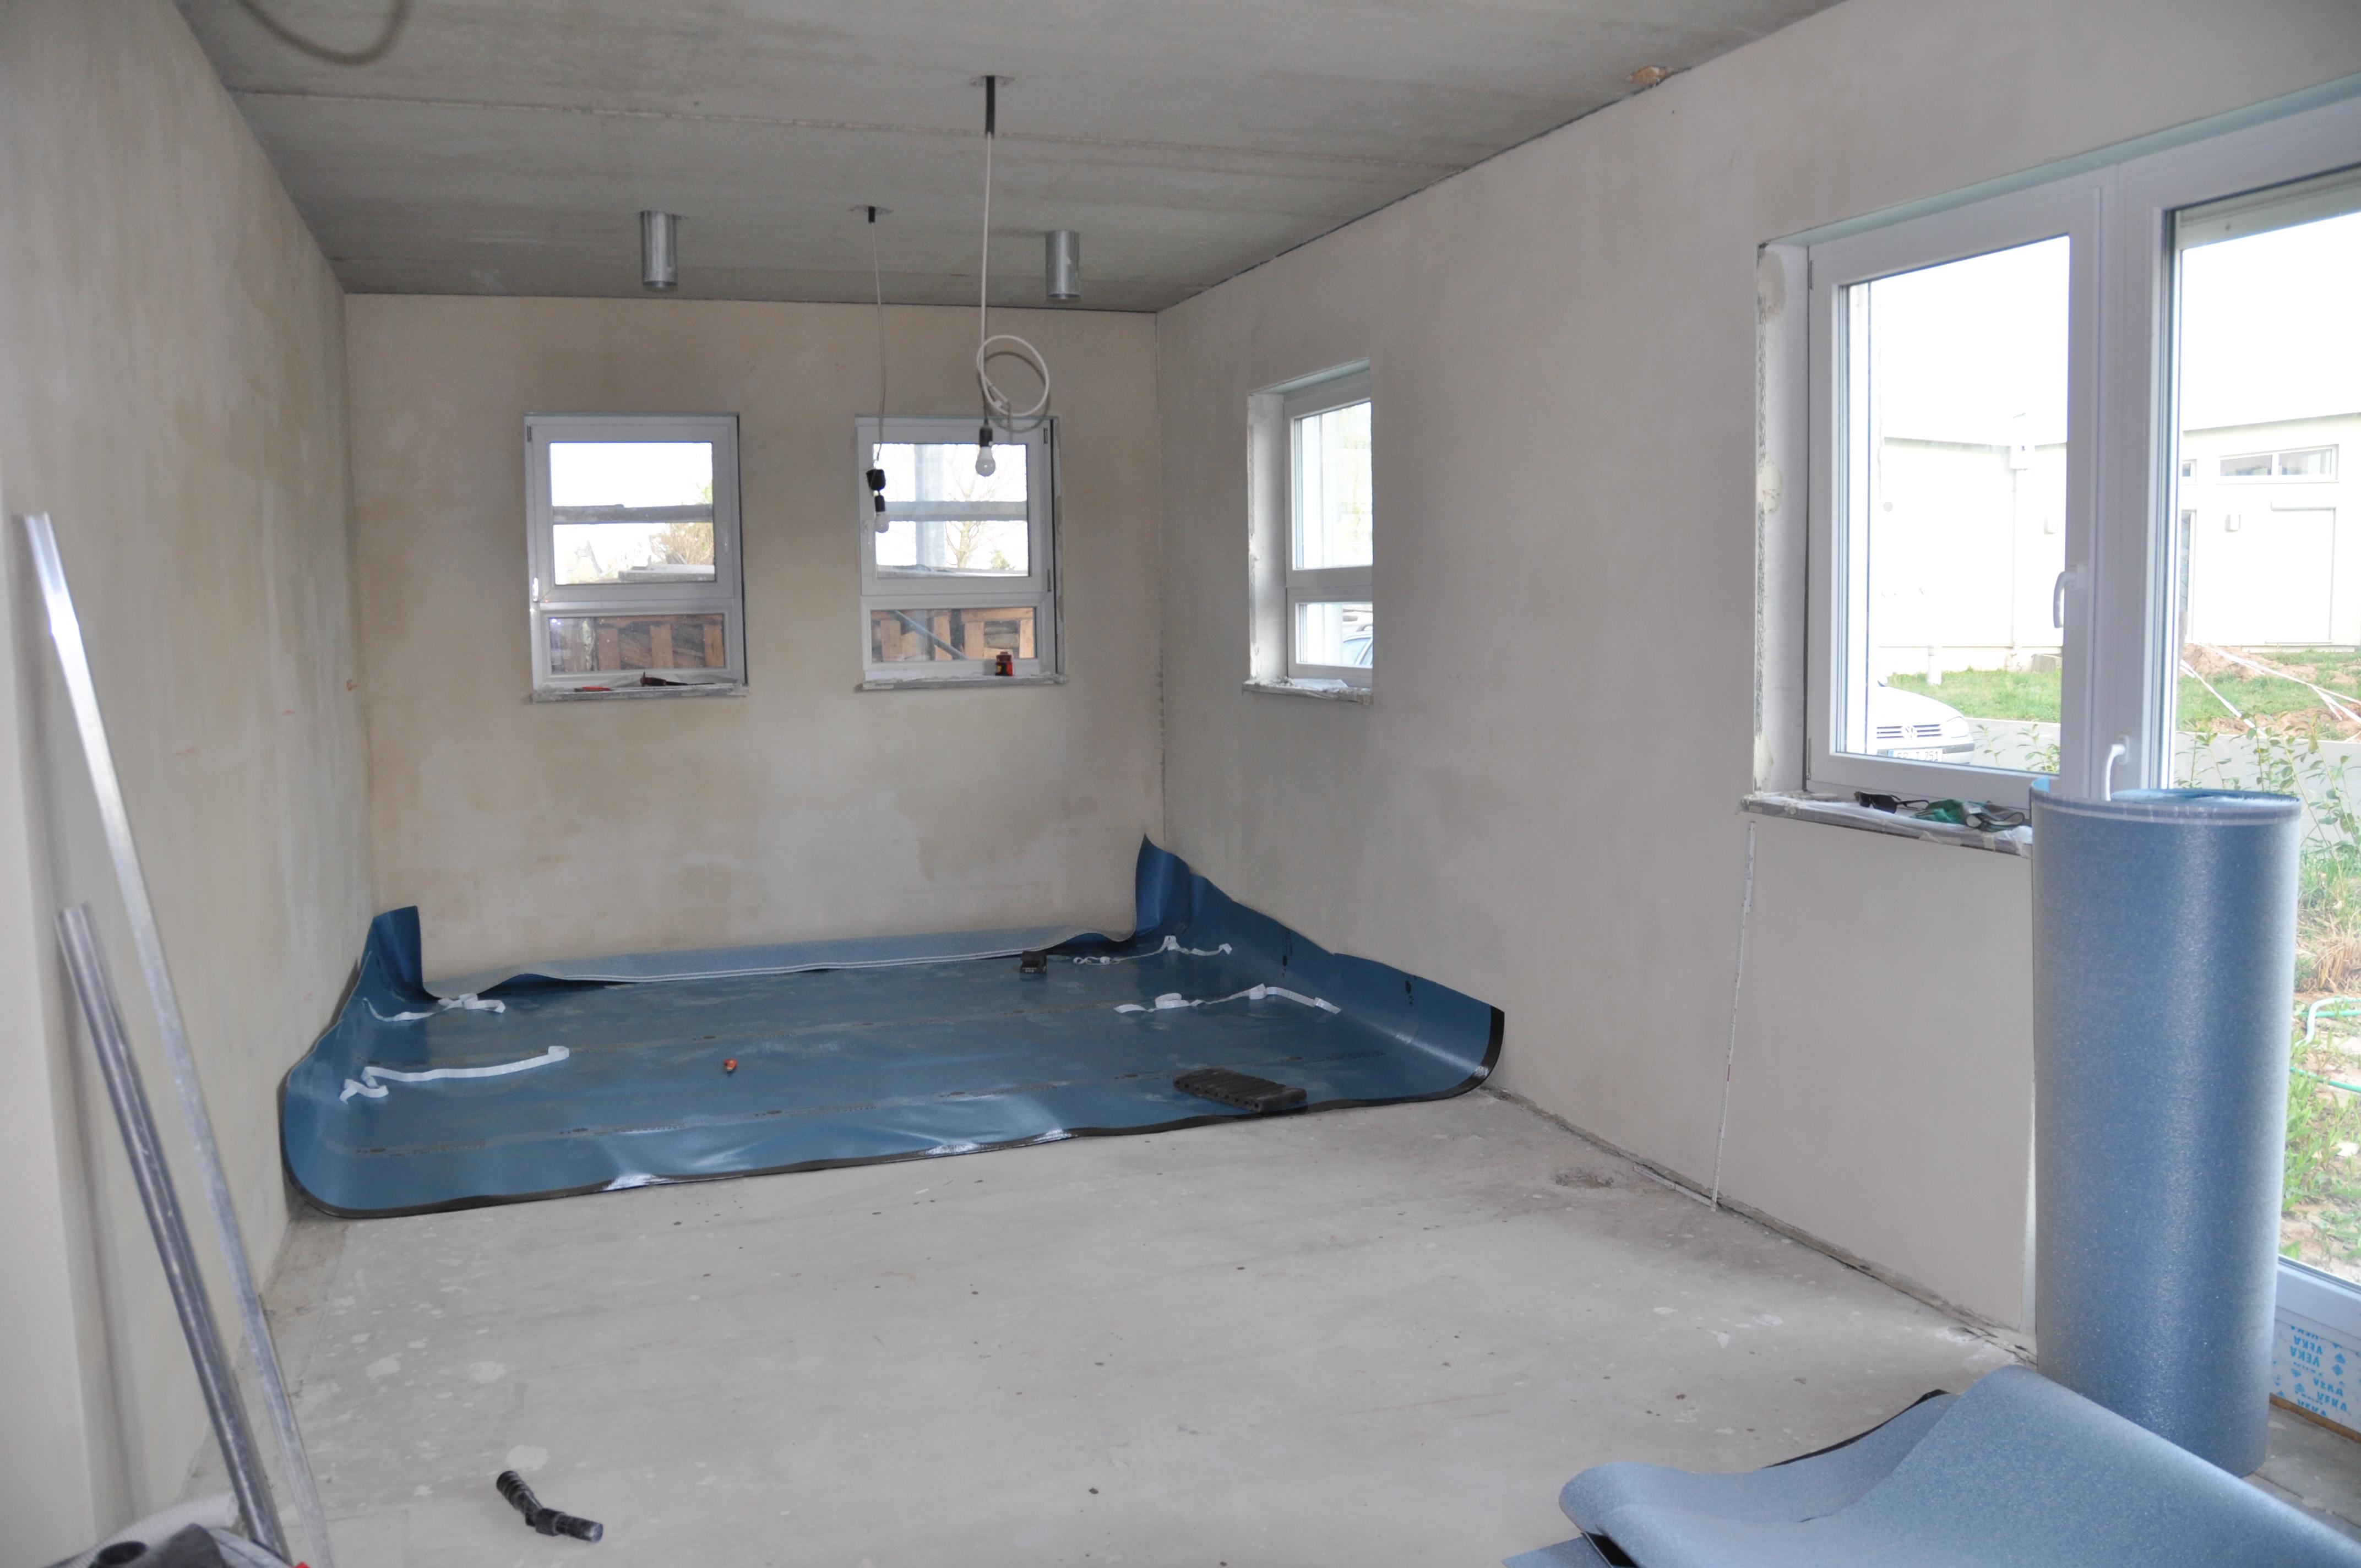 nachdem jetzt das gesamte erdgeschoss haus im selbstbau. Black Bedroom Furniture Sets. Home Design Ideas